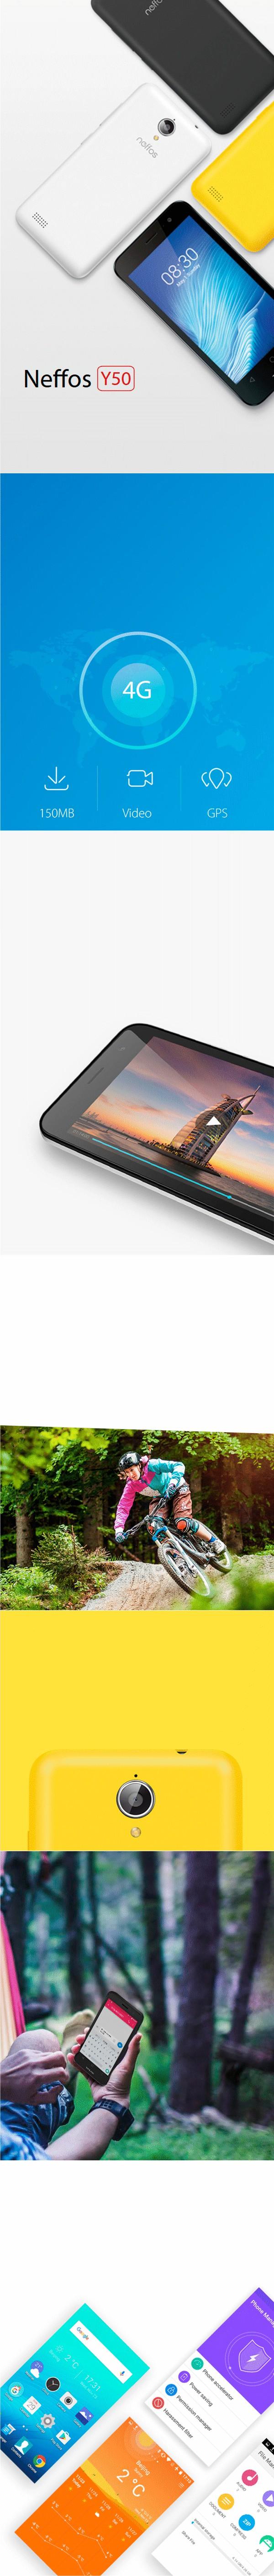 Apresentação Smartphone TP-Link Neffos Y50